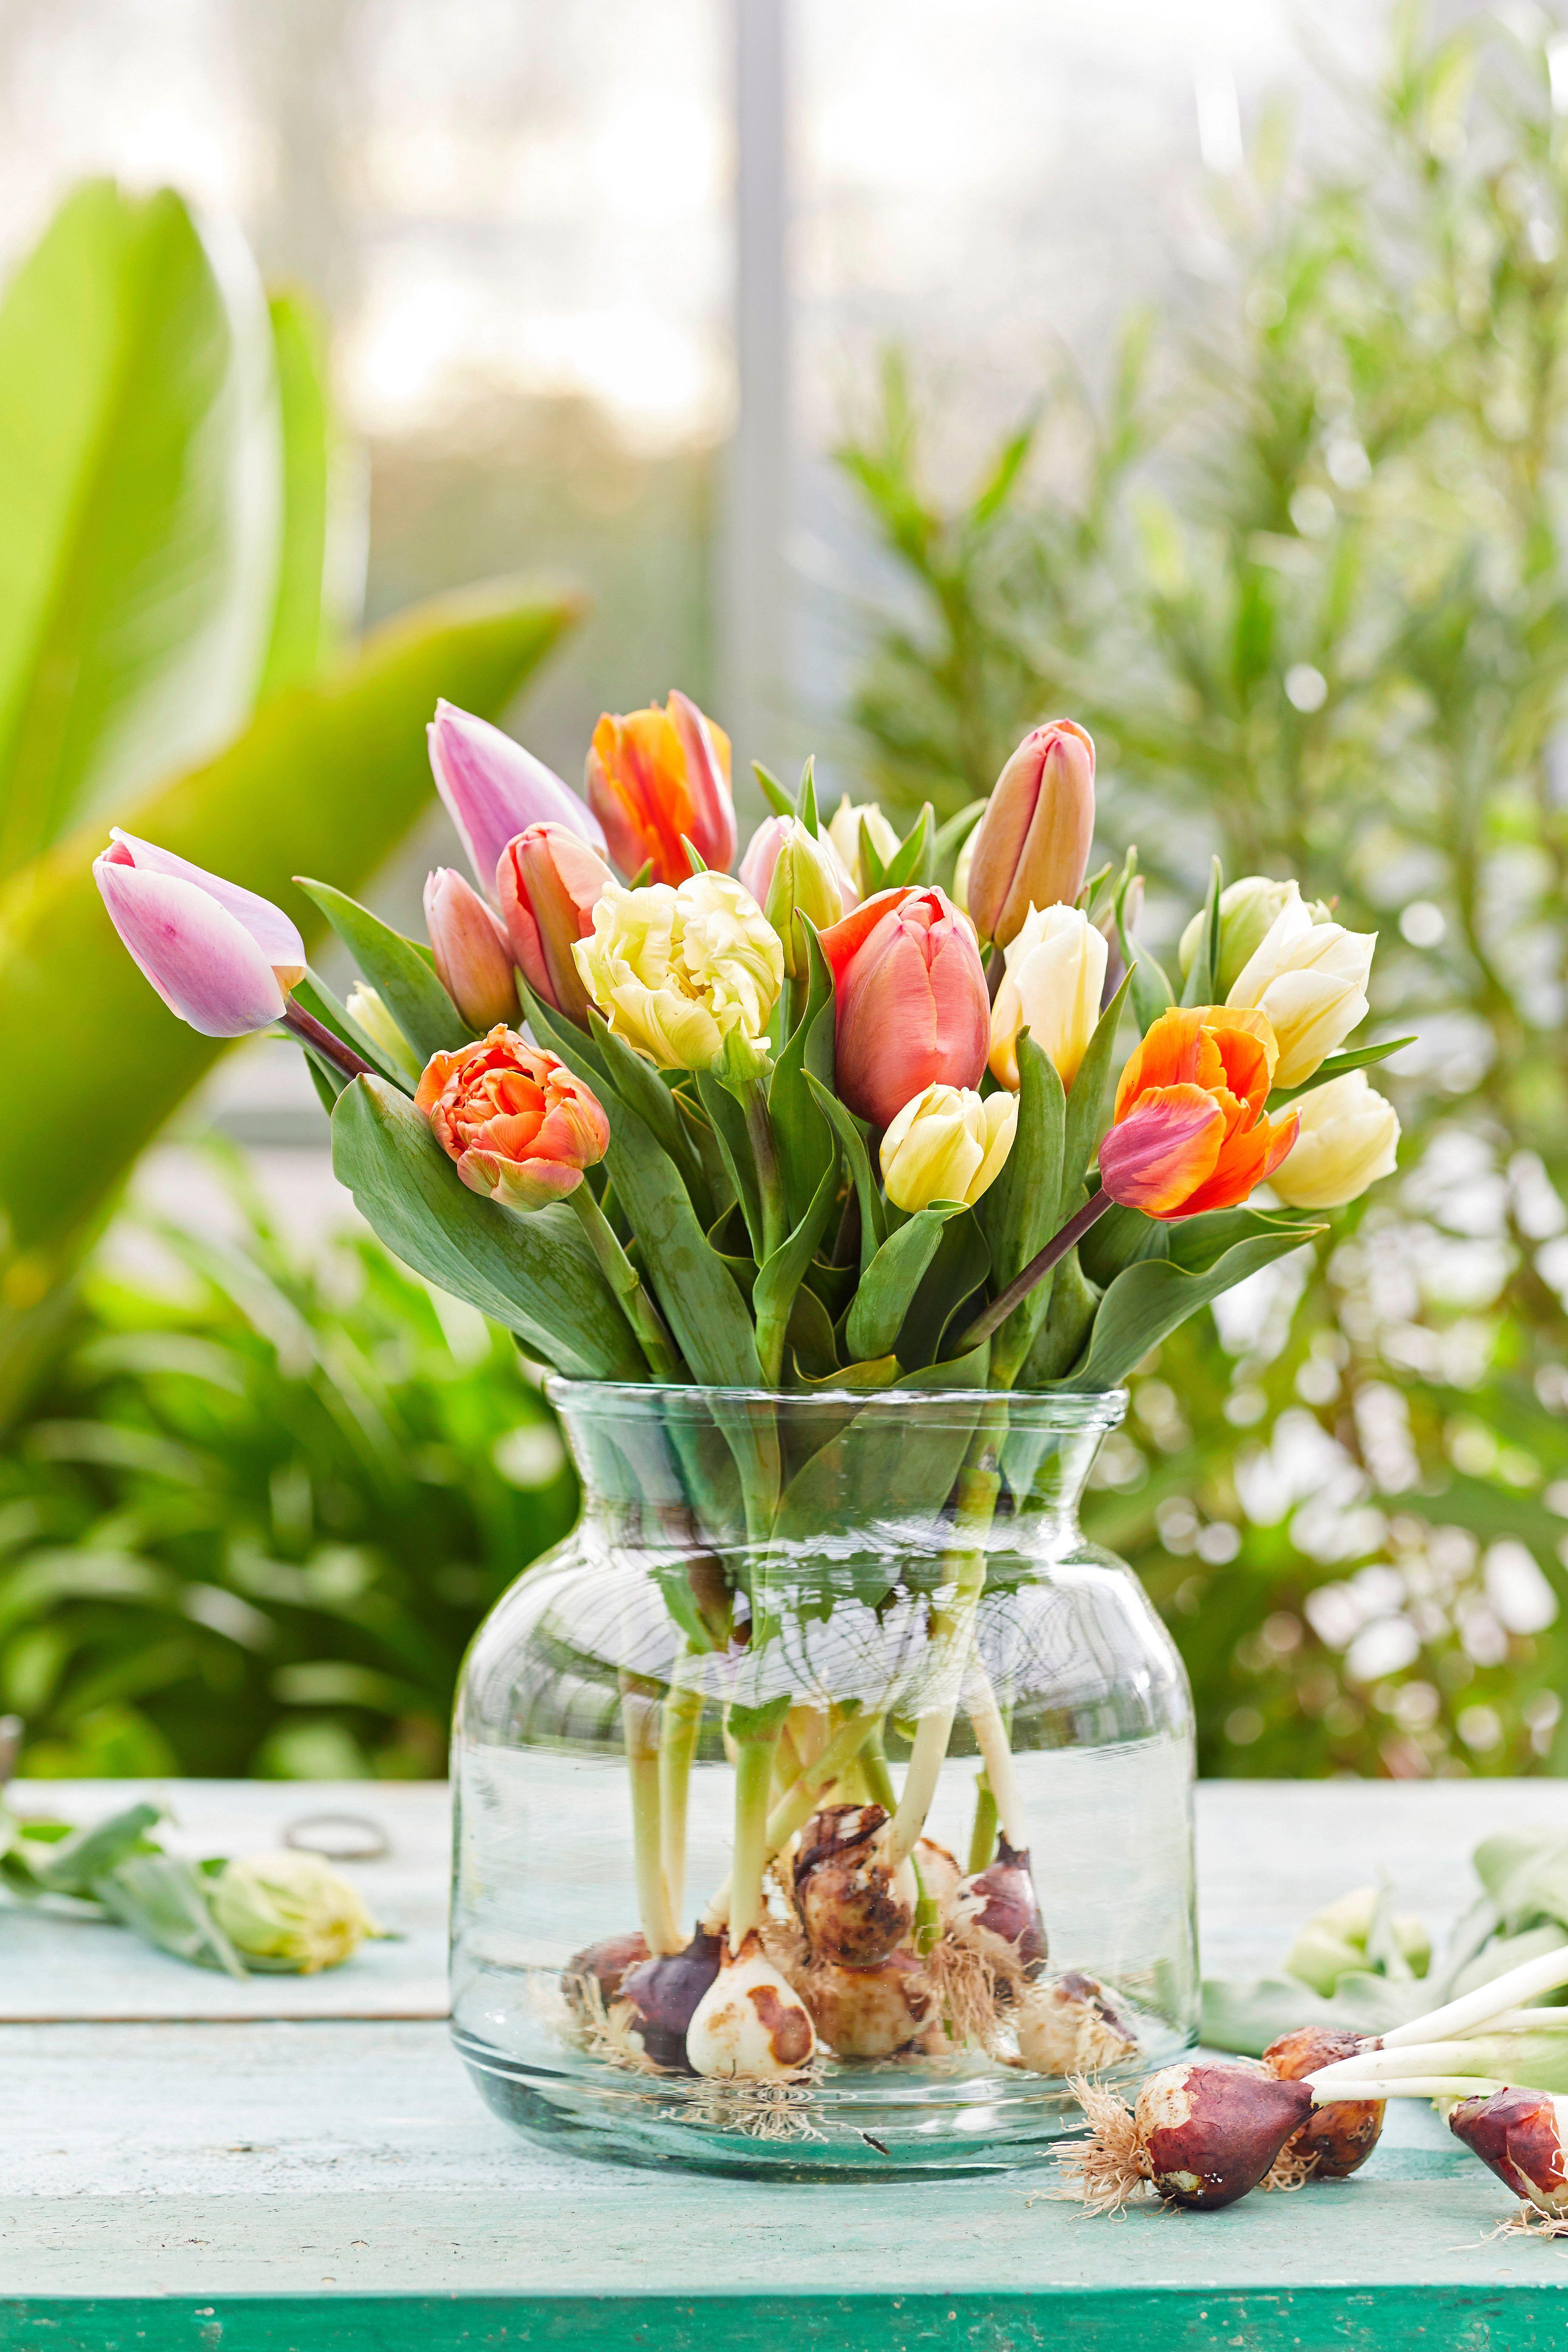 Bunte Tulpen Sind Nicht Nur In Deinem Garten Ein Echter Hingucker Sondern Eignen Sich Auch Super Als Deko Fur Dein Grunes Zuh Tulpen Dekoration Wunderschon